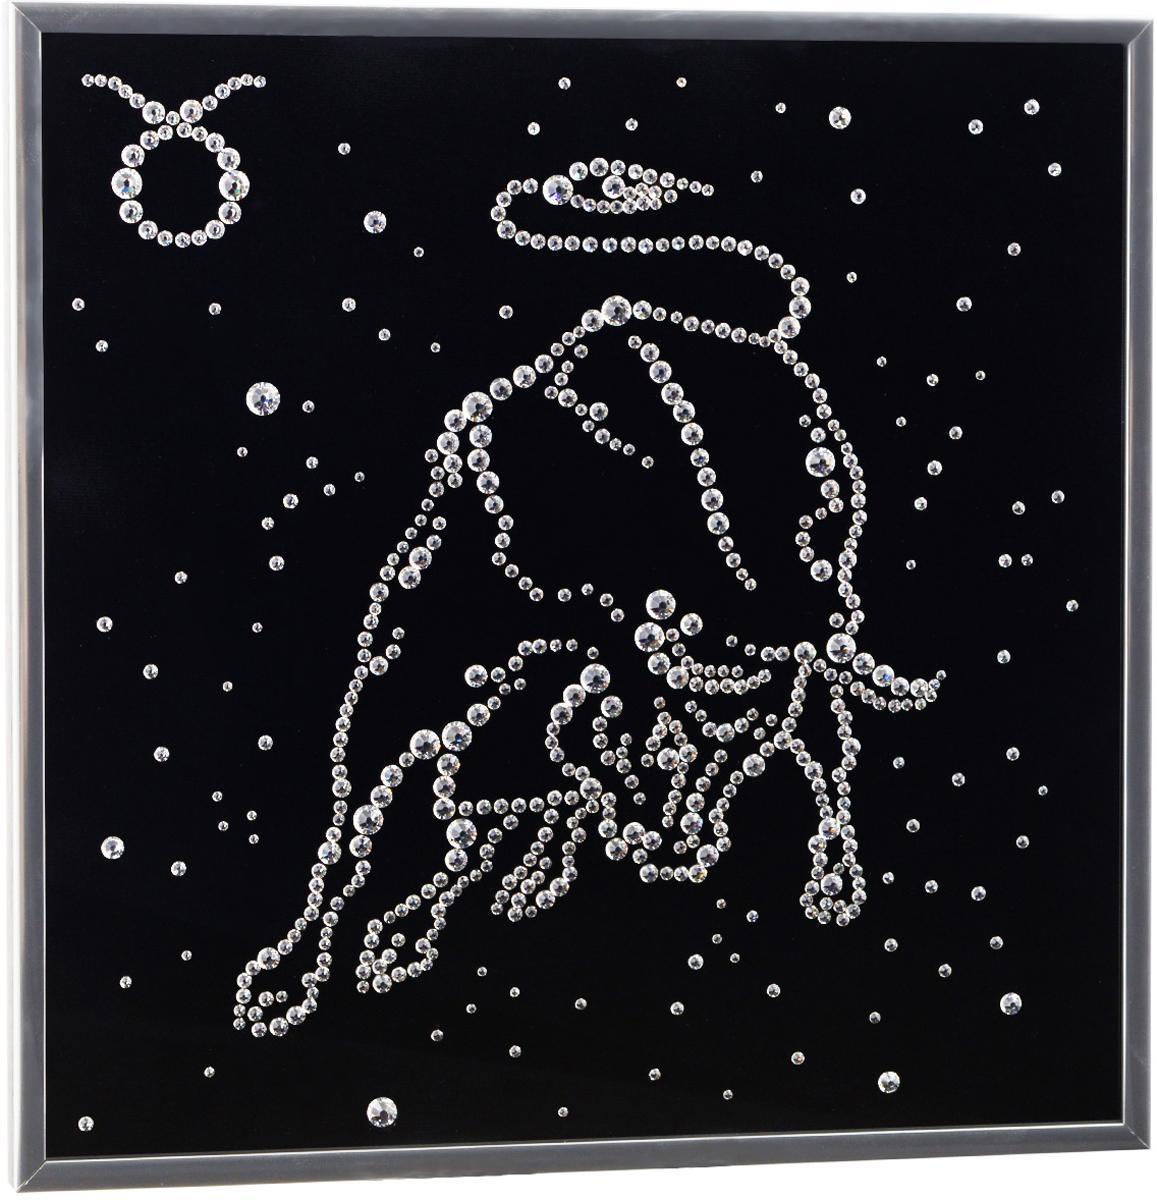 Картина с кристаллами Swarovski Знак зодиака. Телец, 26 см х 26 см1126Изящная картина в металлической раме, инкрустирована кристаллами Swarovski в виде знака зодиака - телец. Кристаллы Swarovski отличаются четкой и ровной огранкой, ярким блеском и чистотой цвета. Под стеклом картина оформлена бархатистой тканью, что прекрасно дополняет блеск кристаллов. С обратной стороны имеется металлическая петелька для размещения картины на стене. Картина с кристаллами Swarovski Знак зодиака. Телец элегантно украсит интерьер дома или офиса, а также станет прекрасным подарком, который обязательно понравится получателю. Блеск кристаллов в интерьере, что может быть сказочнее и удивительнее. Картина упакована в подарочную картонную коробку синего цвета и комплектуется сертификатом соответствия Swarovski.